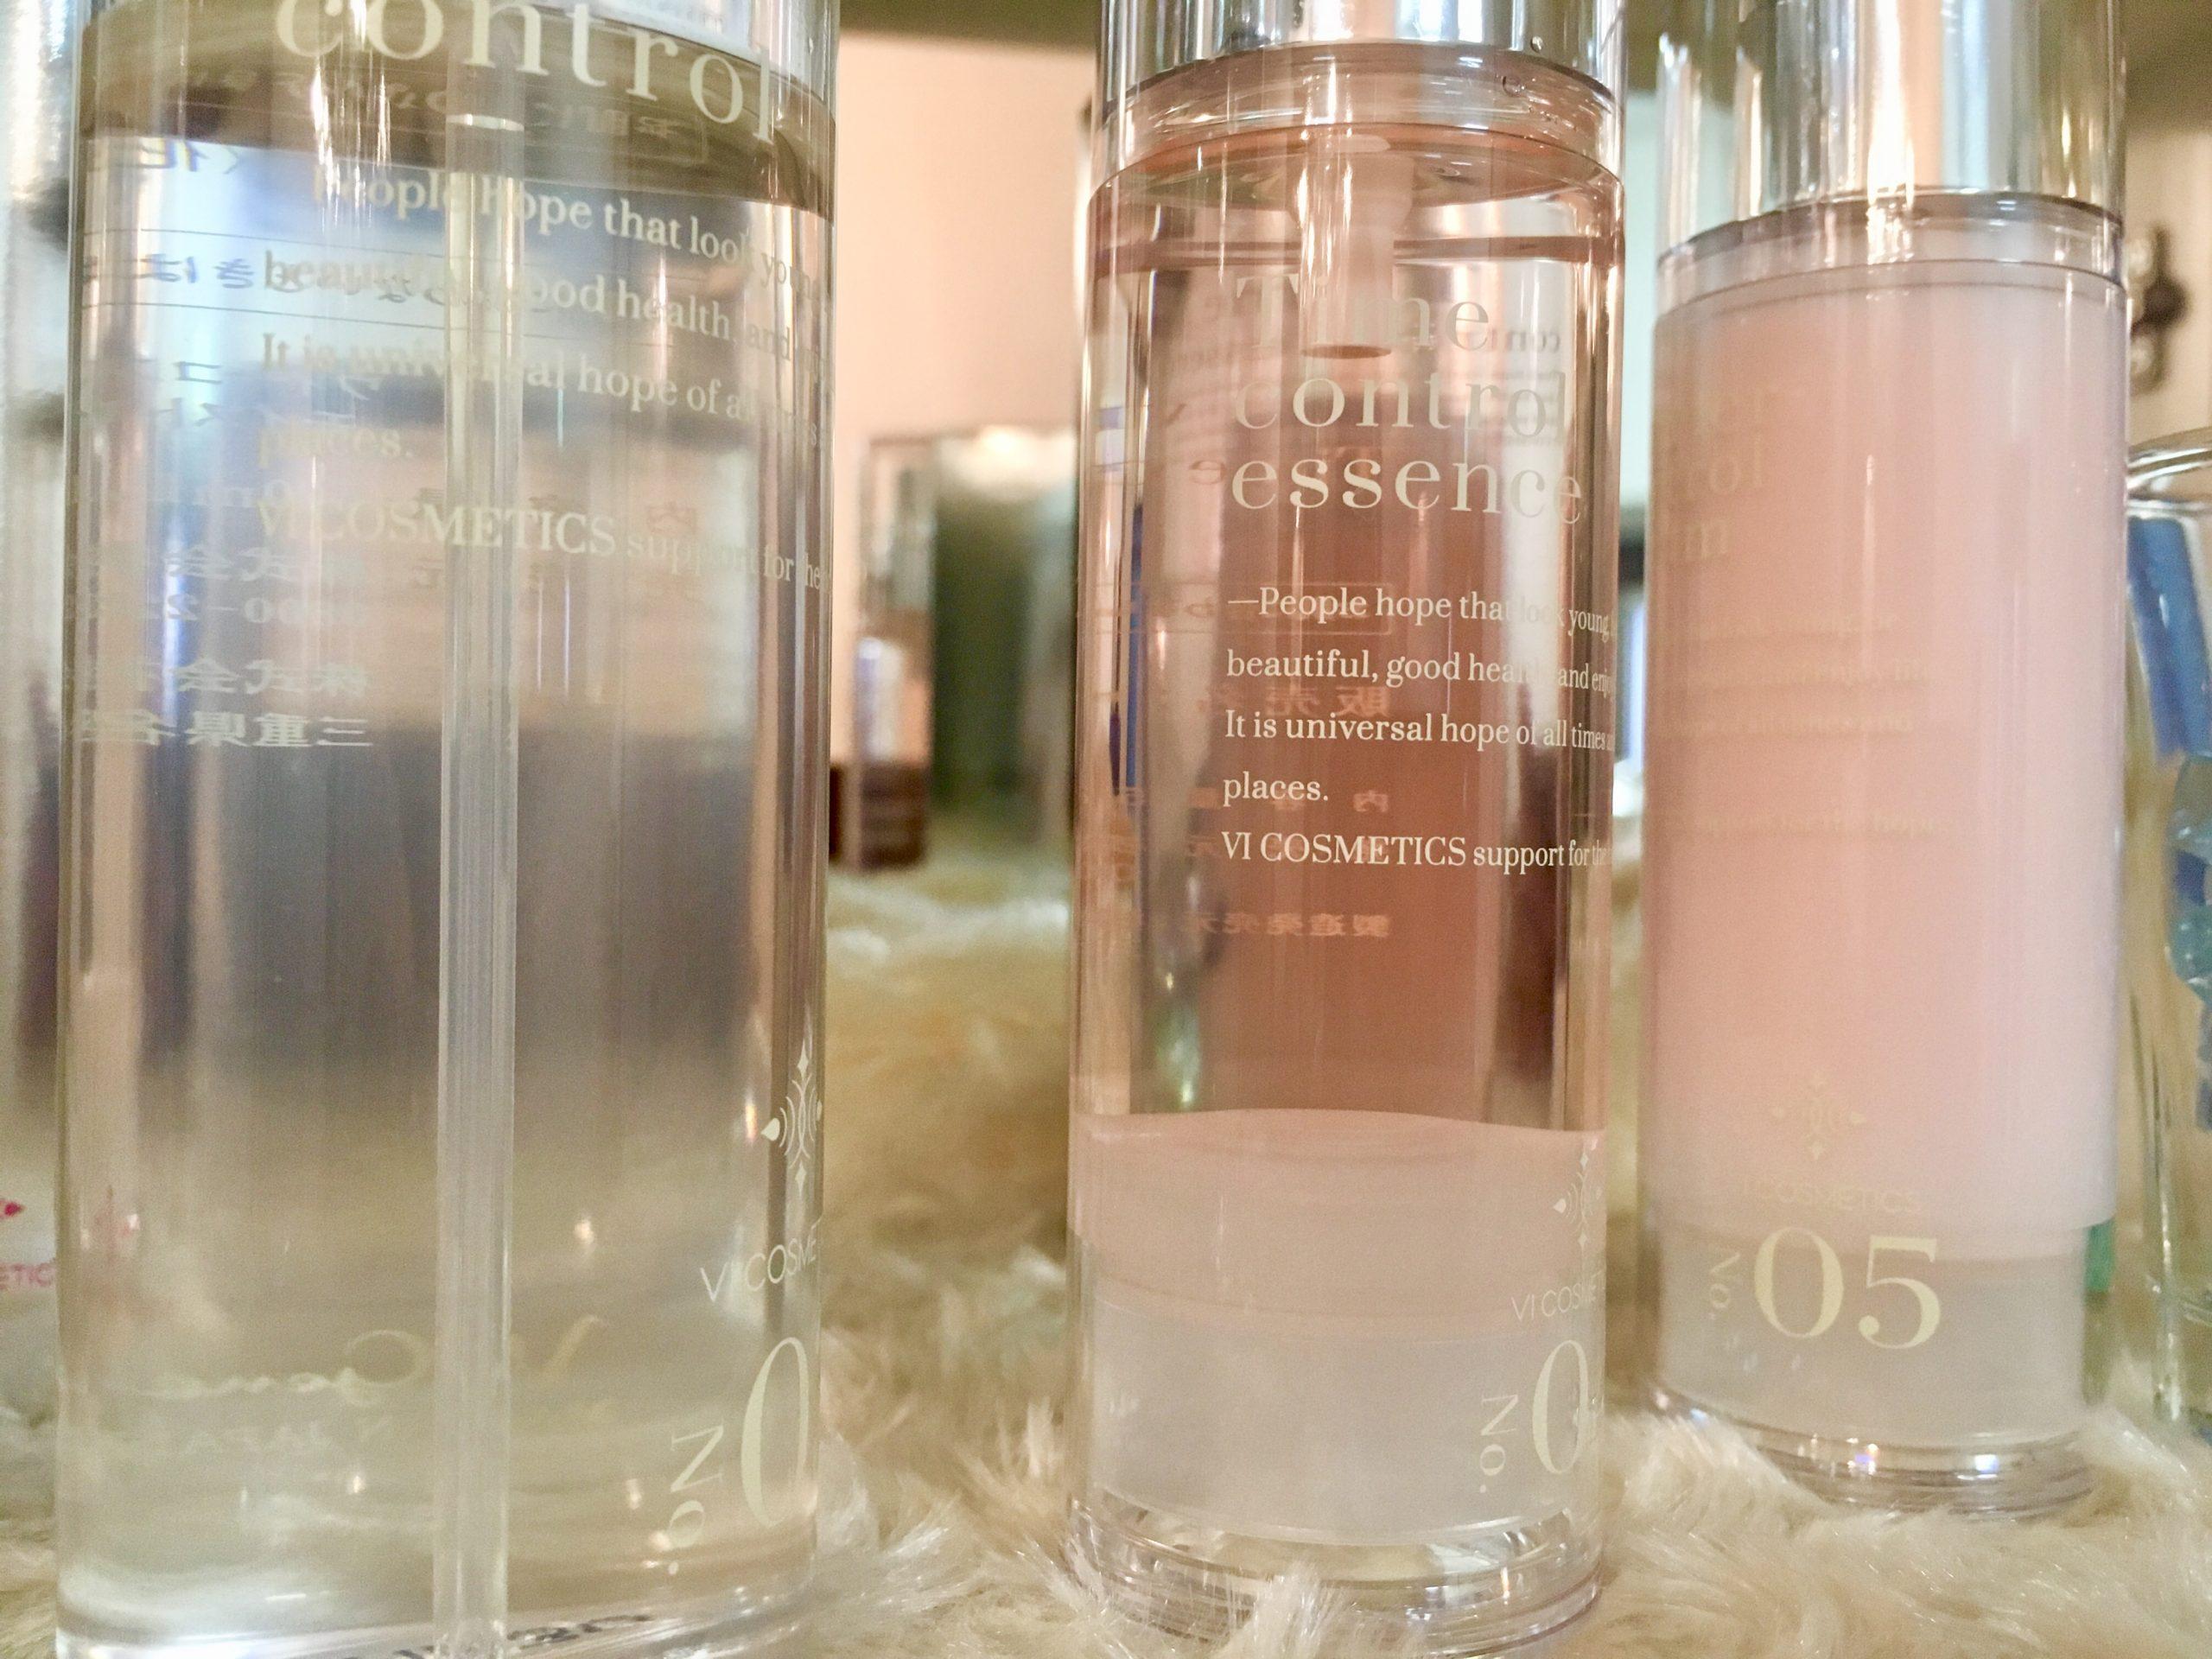 ヴィーコスメ化粧水